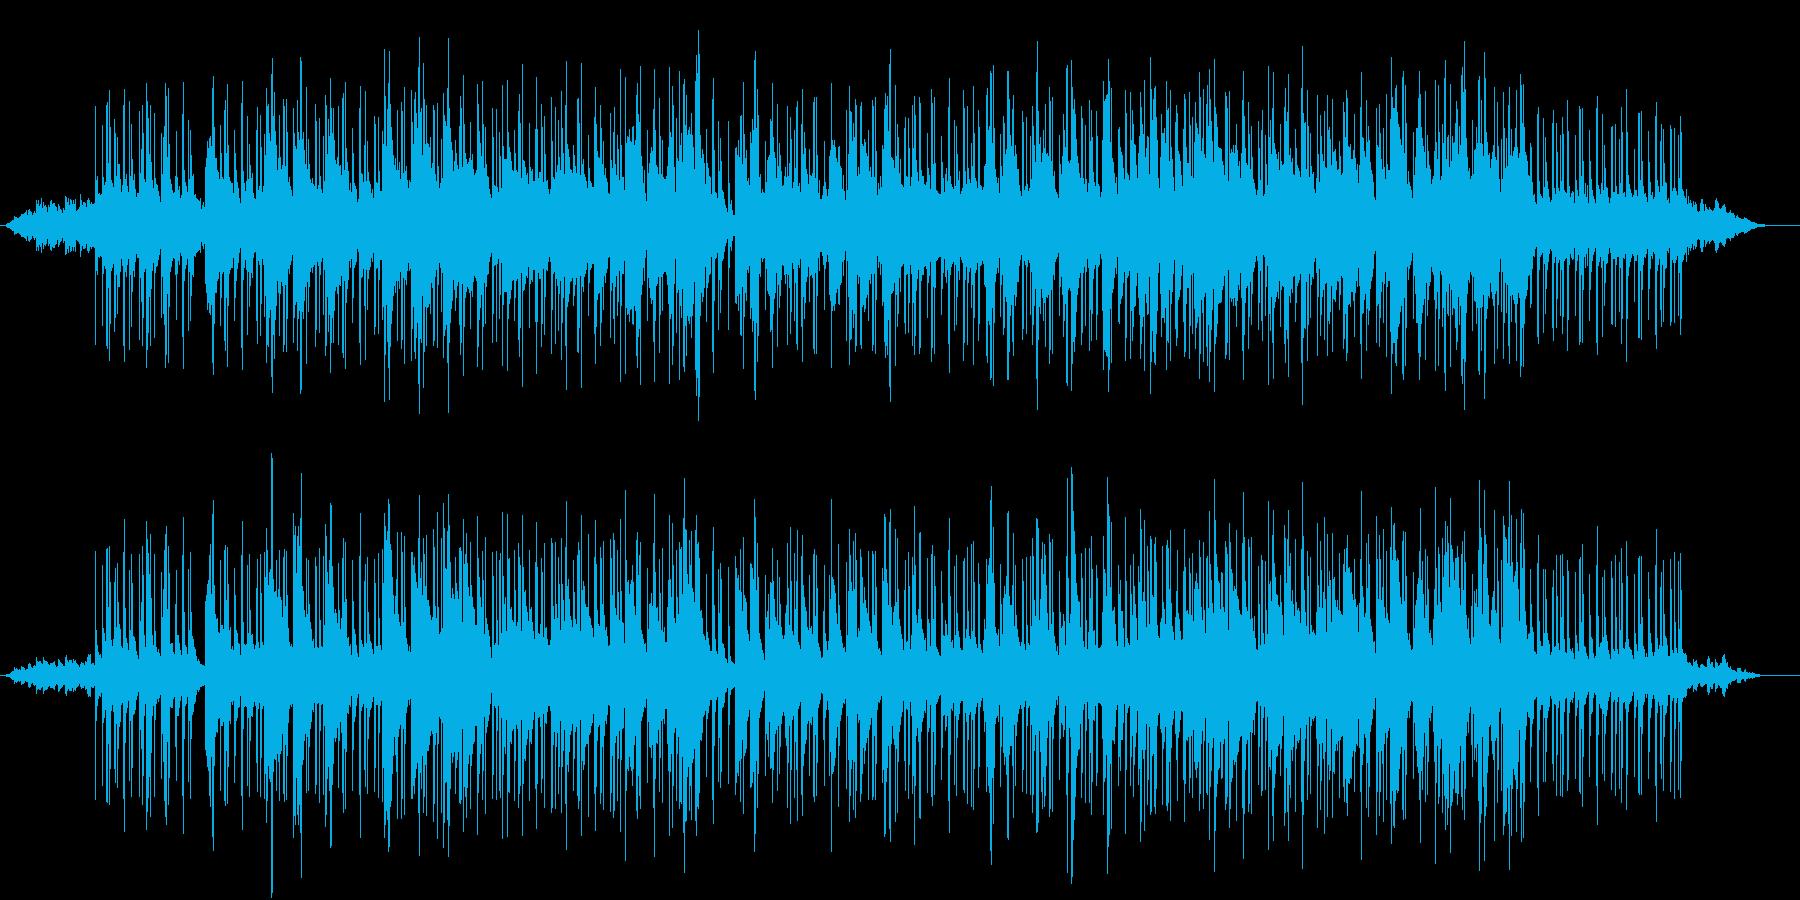 スライドギターの優しい曲の再生済みの波形